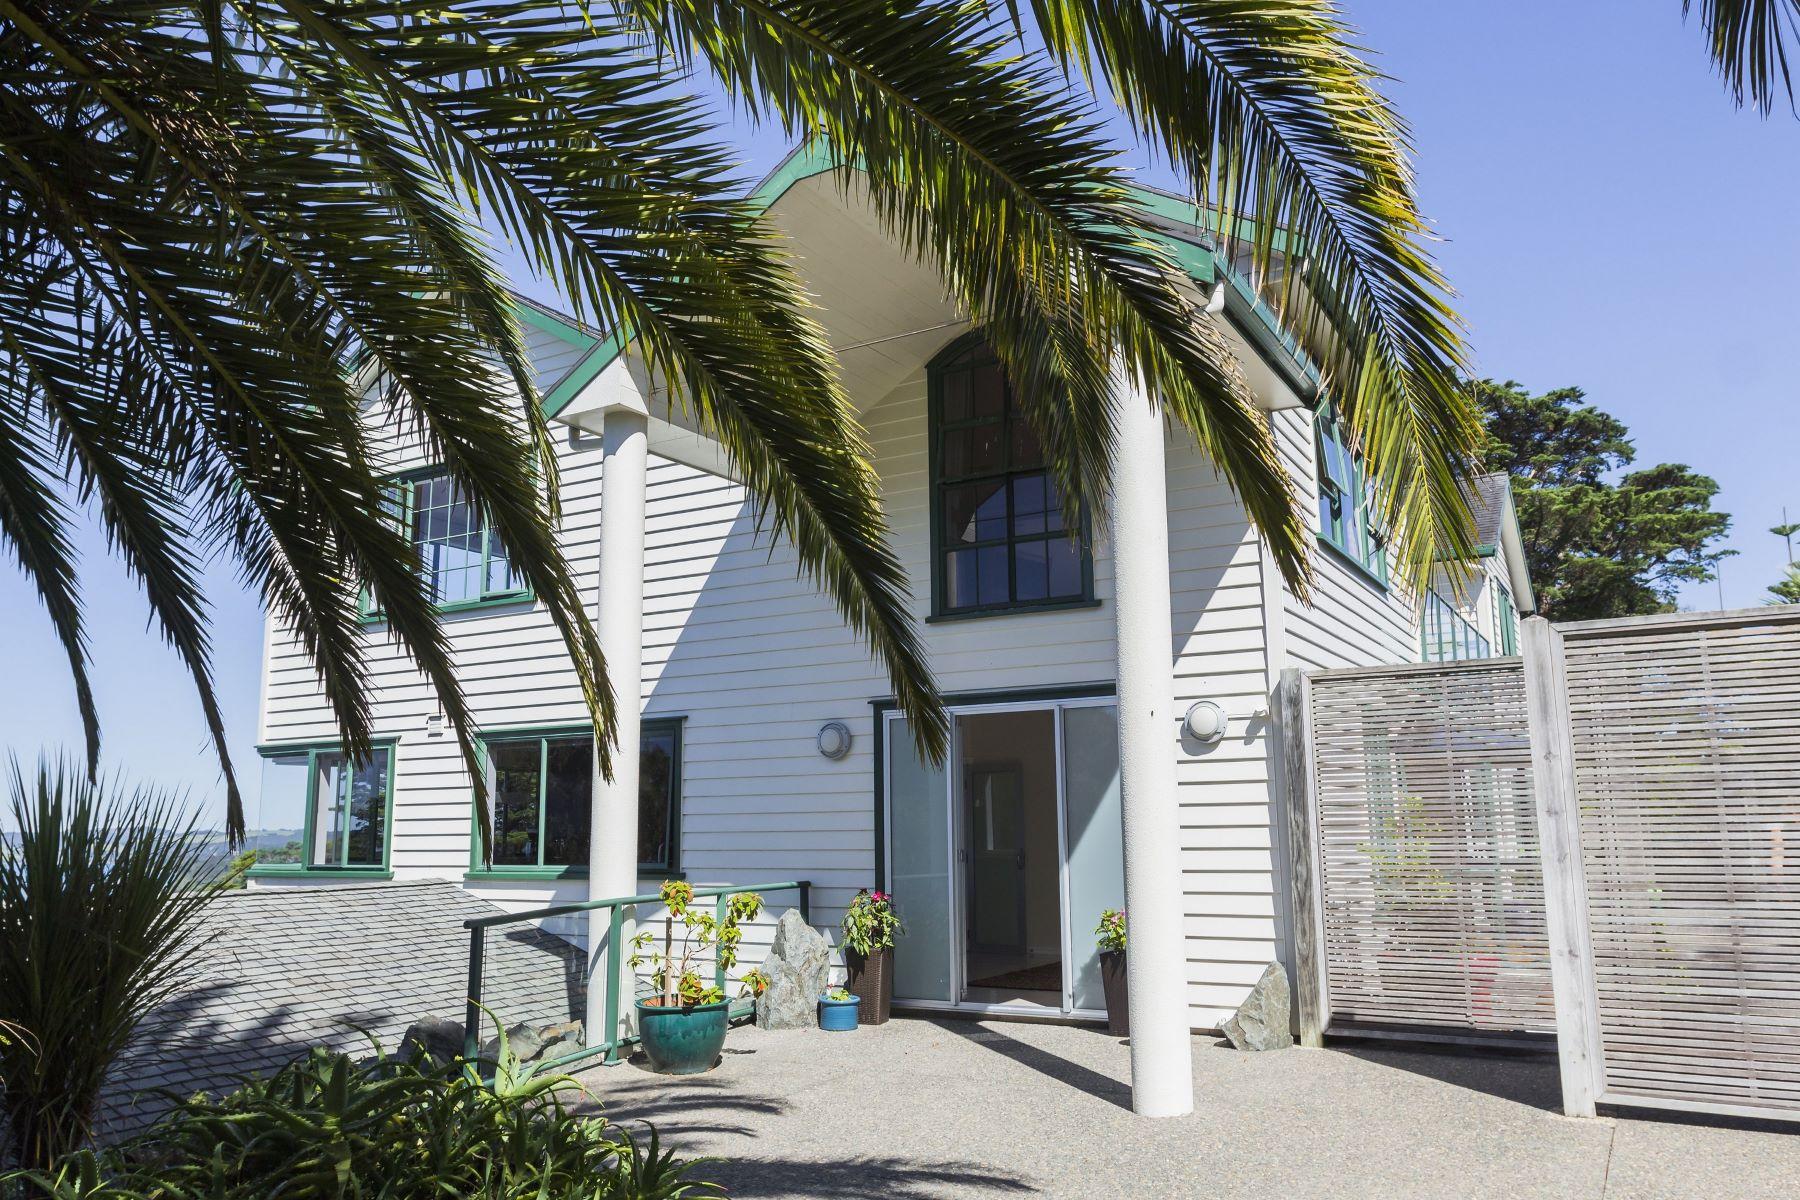 단독 가정 주택 용 매매 에 Carista House 124 Miller Way Martins Bay Other New Zealand, 뉴질랜드의 기타 지역, 0982 뉴질랜드